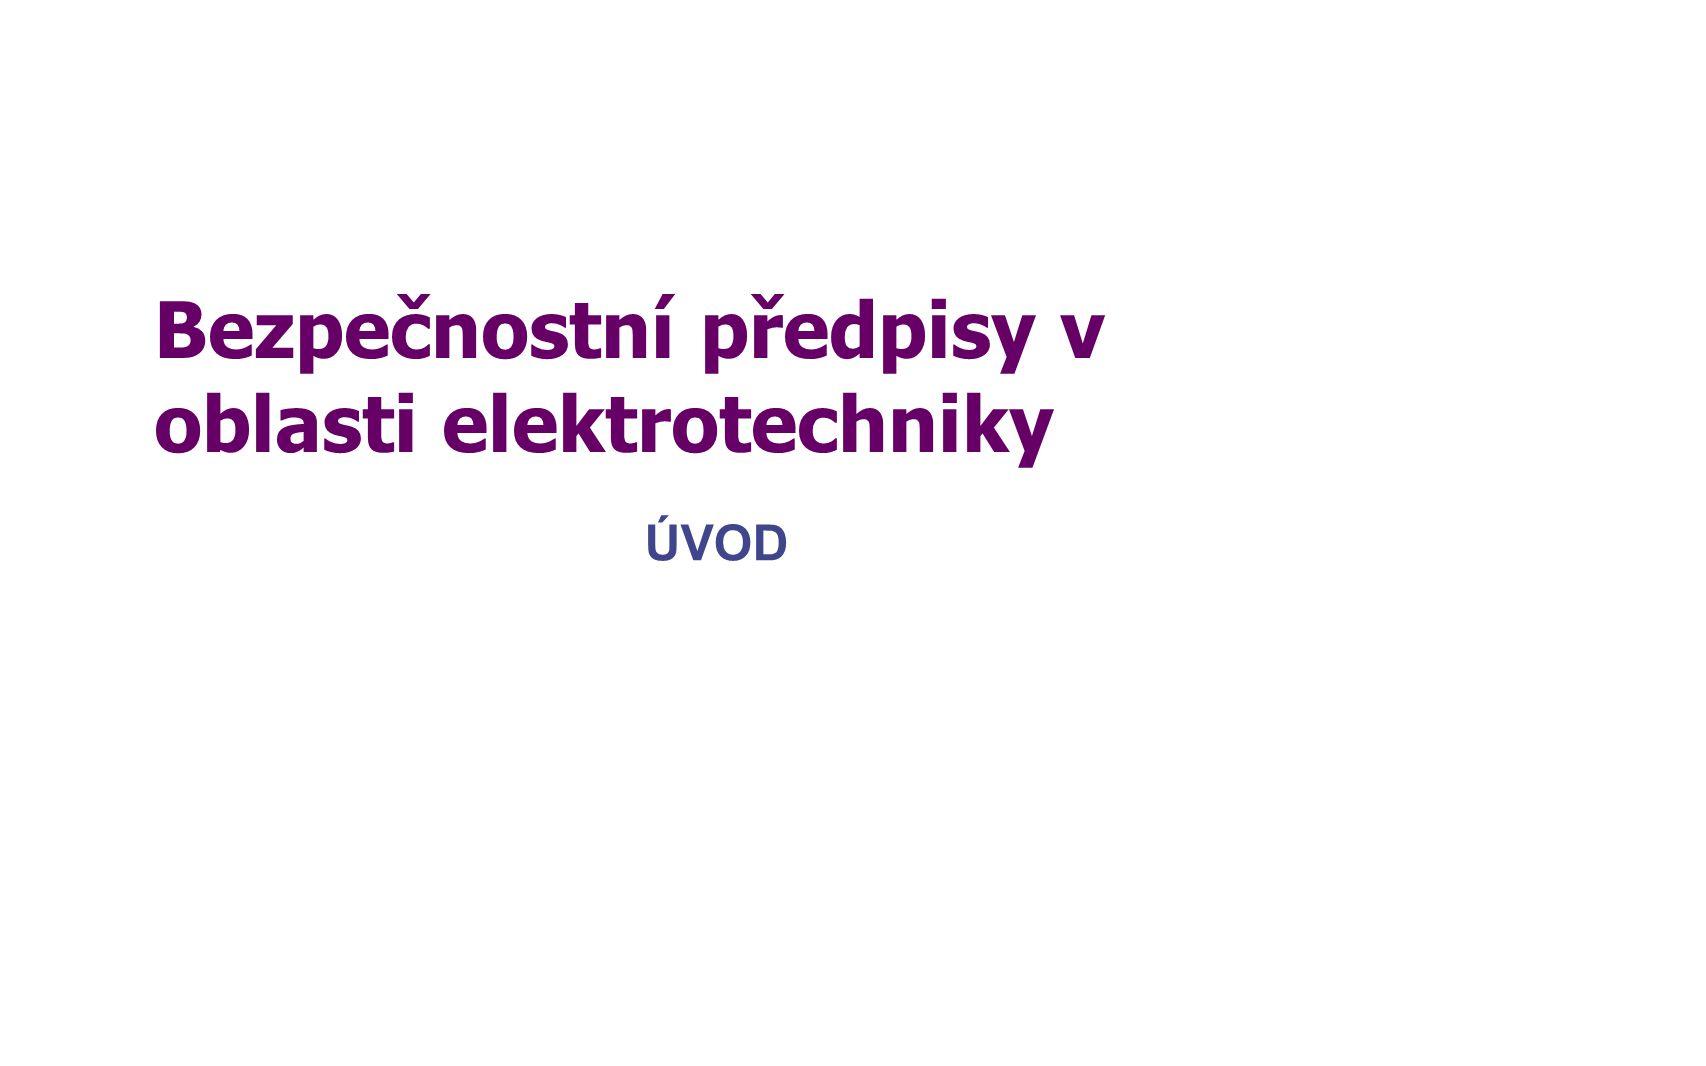 Bezpečnostní předpisy v oblasti elektrotechniky ÚVOD